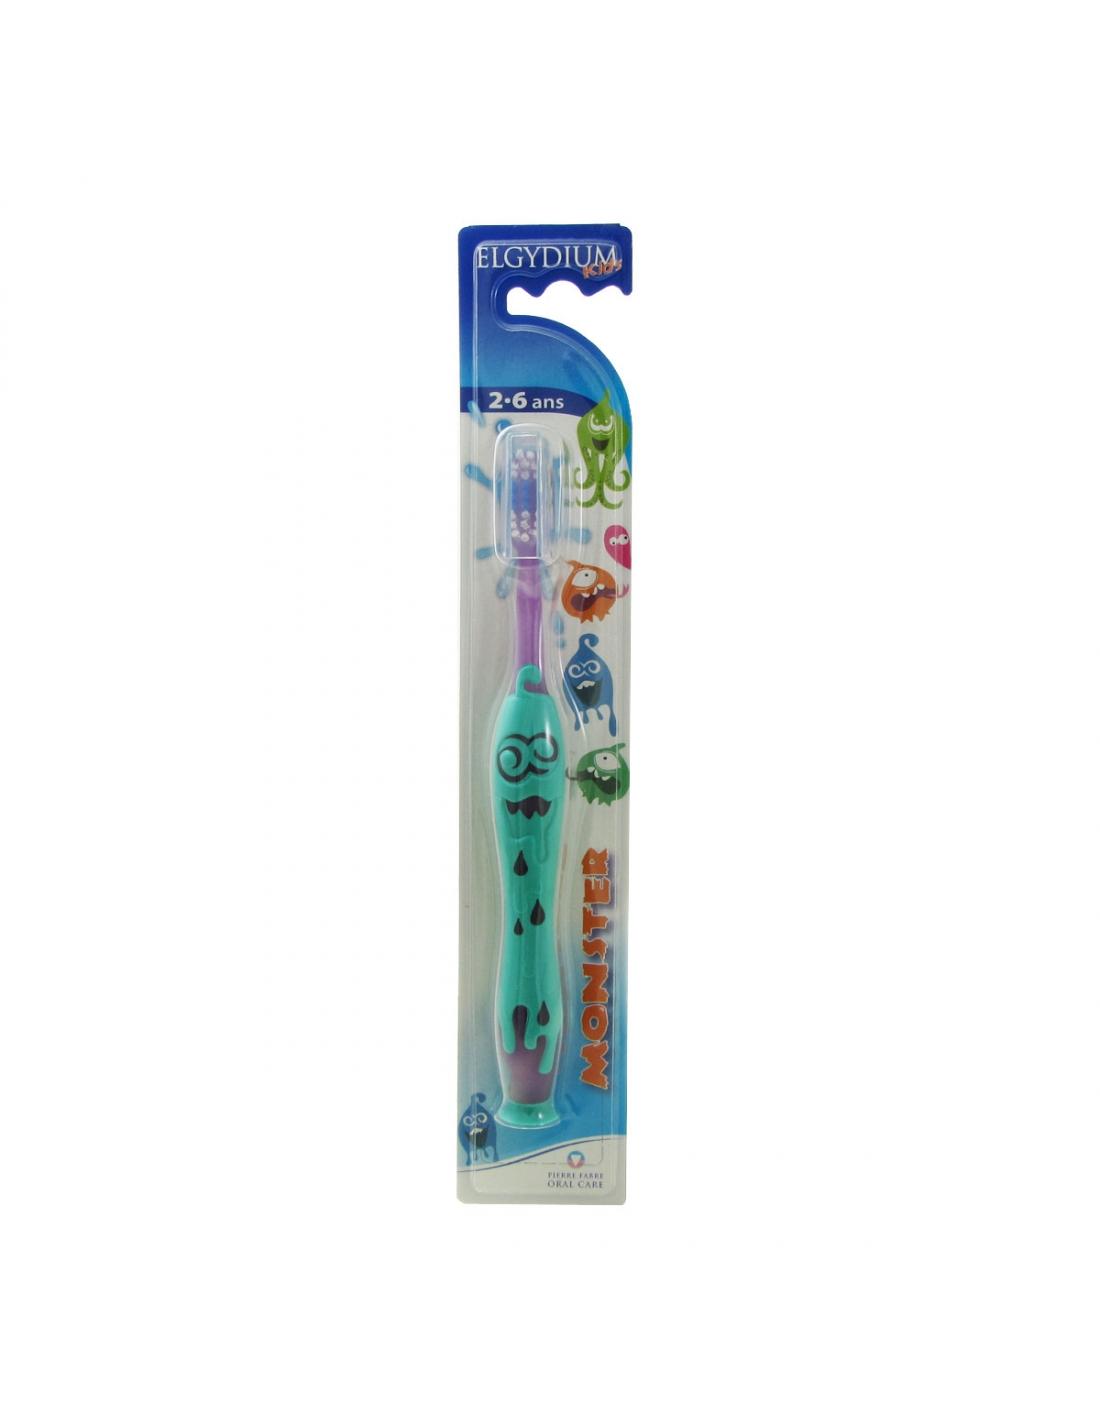 Elgydium Kids Escova Dentes  2-6 Anos